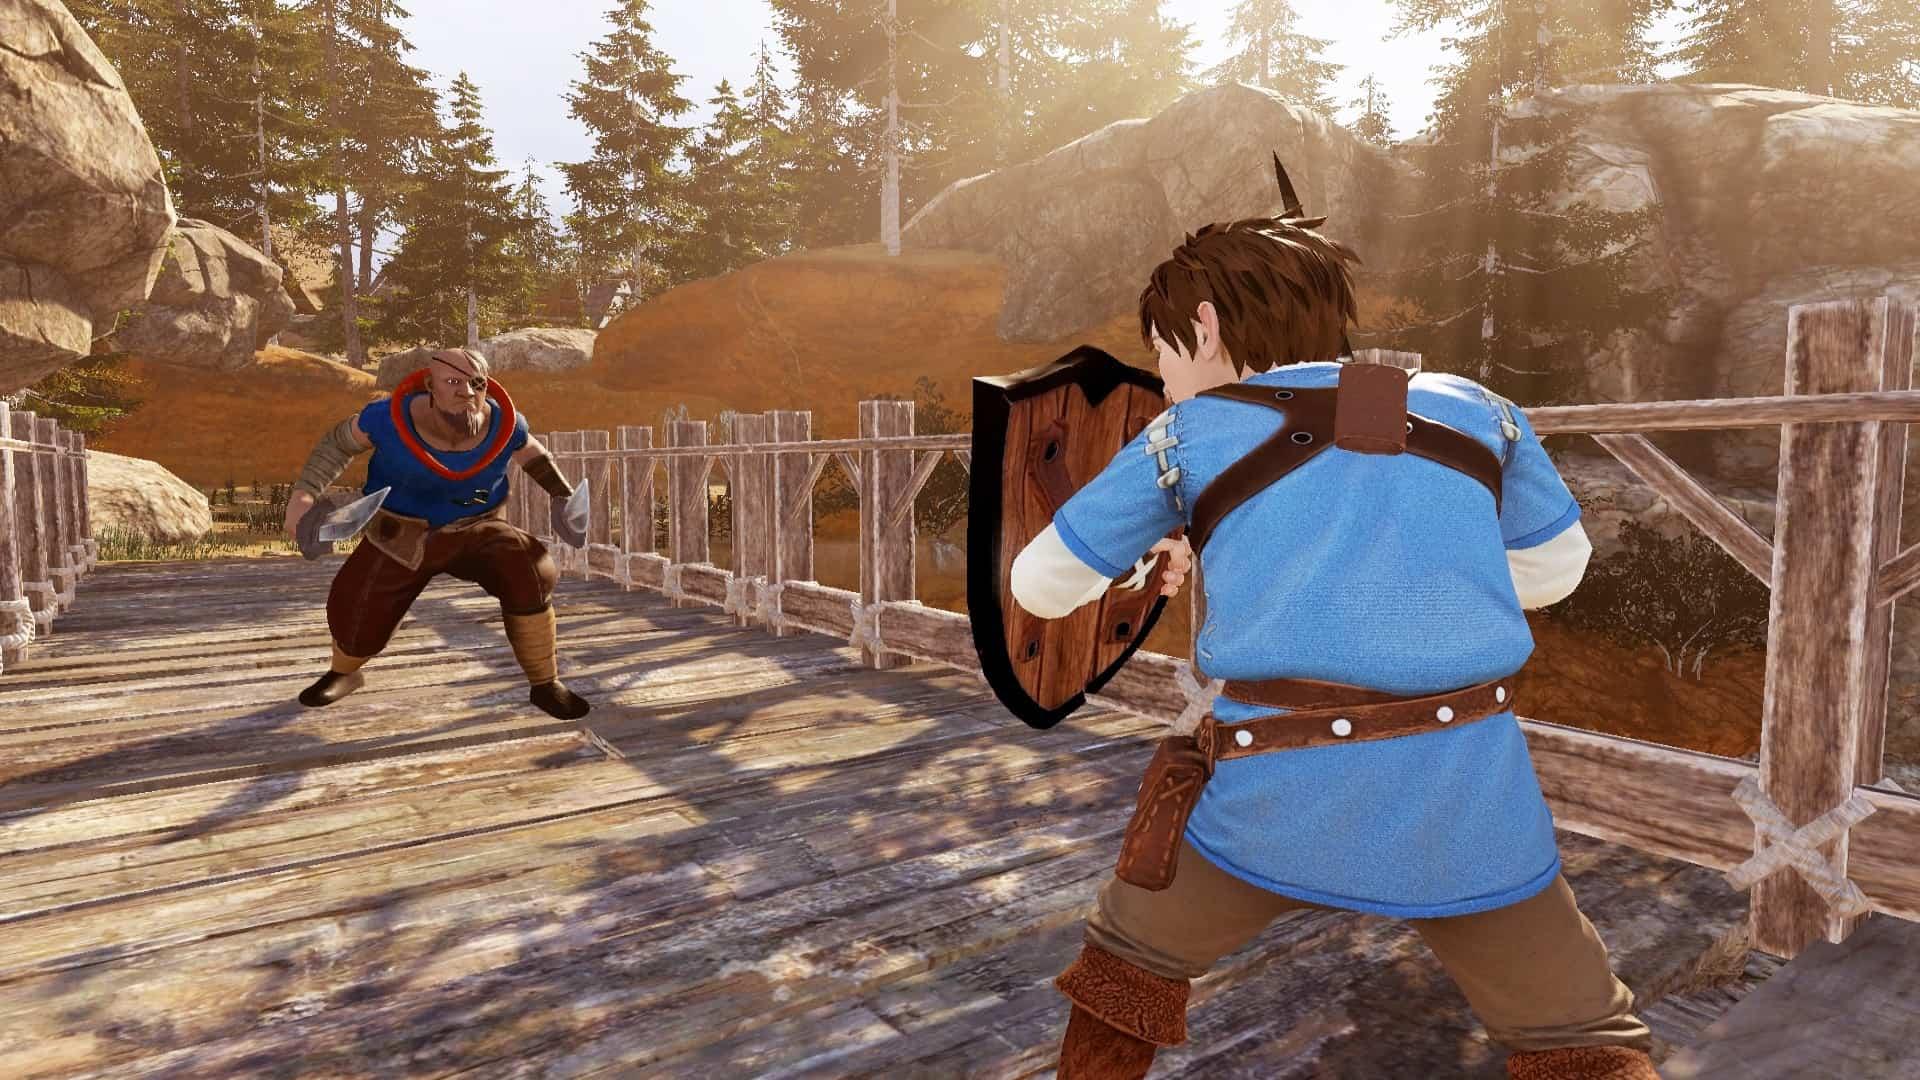 Beast Quest - Disponibile Beast Quest, il nuovo gioco d'avventura e azione di Maximum Games